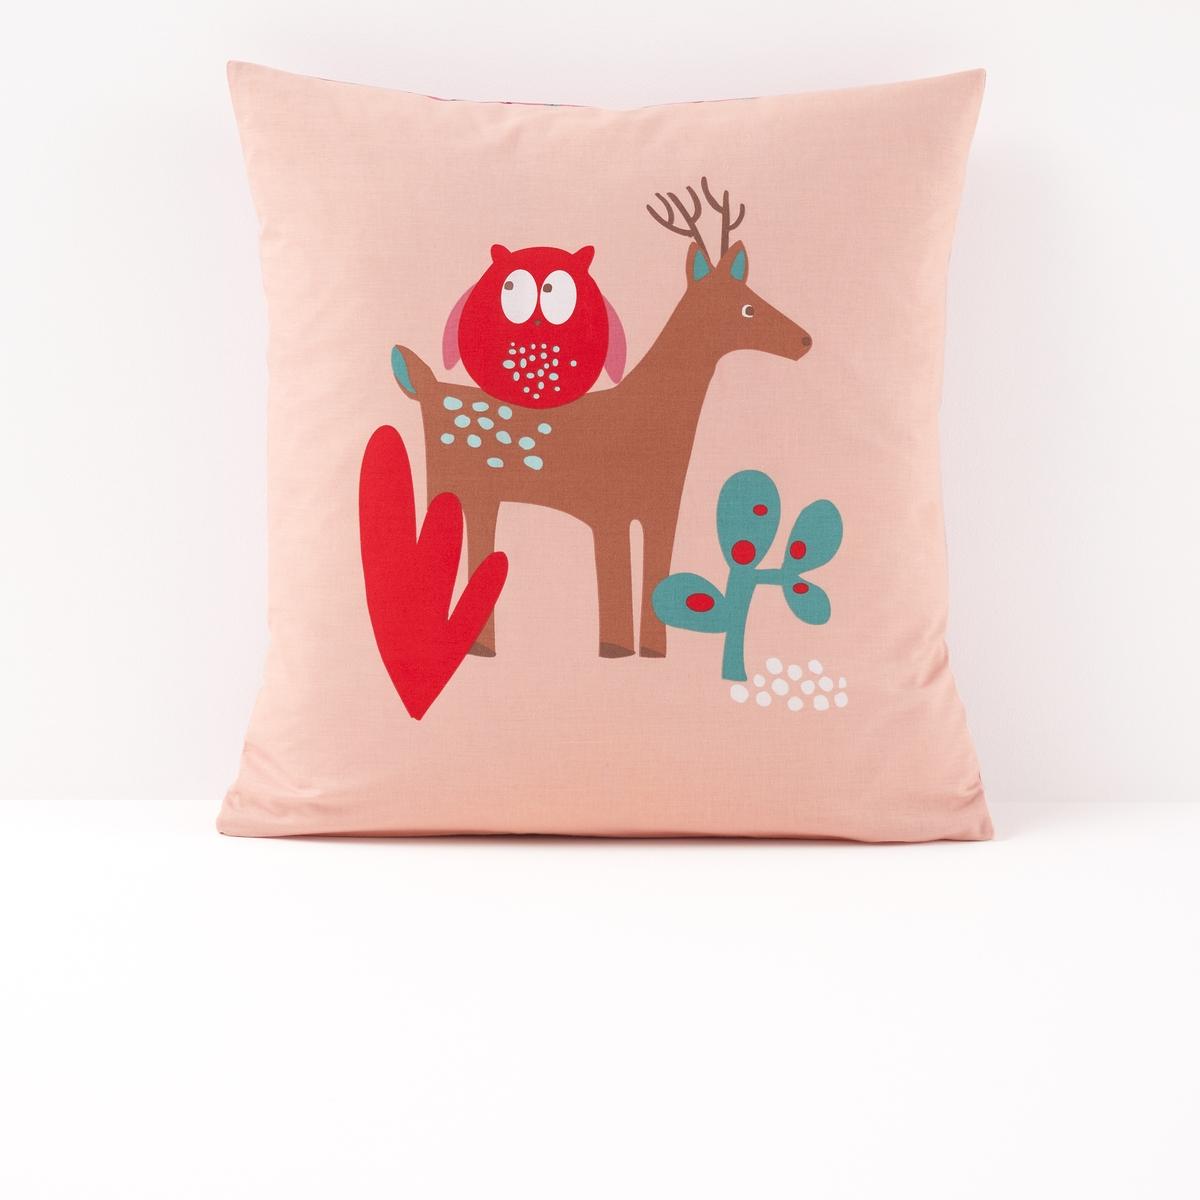 Наволочка детская с рисунком, BoralletoДетская наволочка Boralleto. Сова, олень, кролик и лиса встречаются с Красной шапочкой в лесу… Постельное белье с романтическими нотками погружает Вас в атмосферу фантастических сказок.Характеристики наволочки Boralleto :- Рисунок сова и олень на лицевой стороне, сплошной микрорисунок на оборотной стороне- 100% хлопок (57 нитей/см?). Чем плотнее переплетение нитей/см?, тем выше качество материала.- Машинная стирка при 60 °С.Знак Oeko-Tex® гарантирует, что товары прошли проверку и были изготовлены без применения вредных для здоровья человека веществ. Всю коллекцию детского постельного белья Boralleto вы можете найти на сайте la redoute.ru.   Размеры :63 x 63 см : квадратная наволочка<br><br>Цвет: наб. рисунок/ розовый